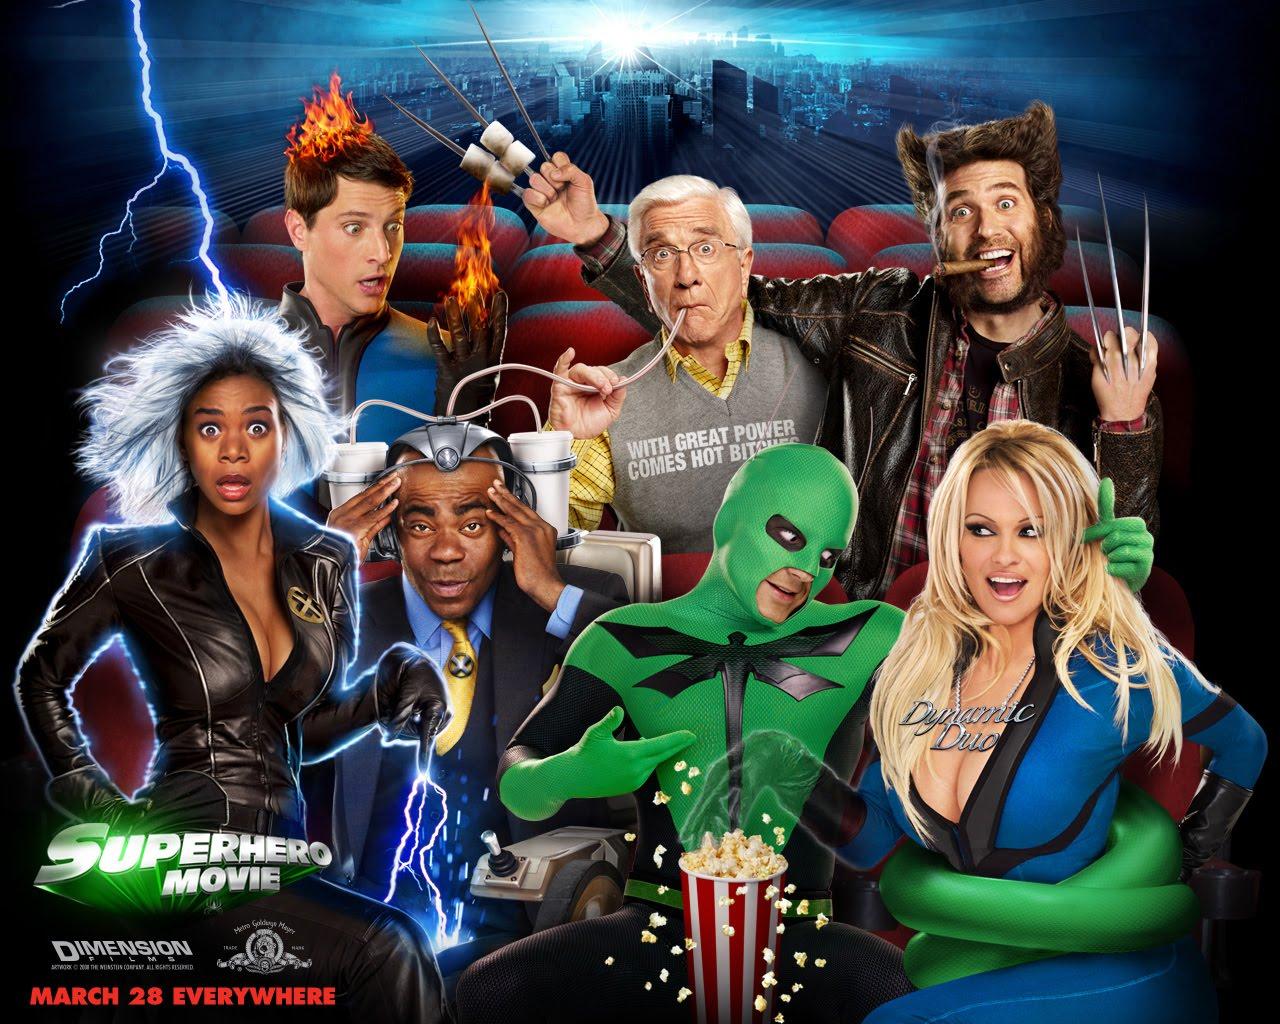 http://1.bp.blogspot.com/_S2sq-6Ka7q8/TPRr0_dj_QI/AAAAAAAABDs/lgSCFWRA3vQ/s1600/Leslie_Nielsen_in_Superhero_Movie_Wallpaper_3_1280.jpg